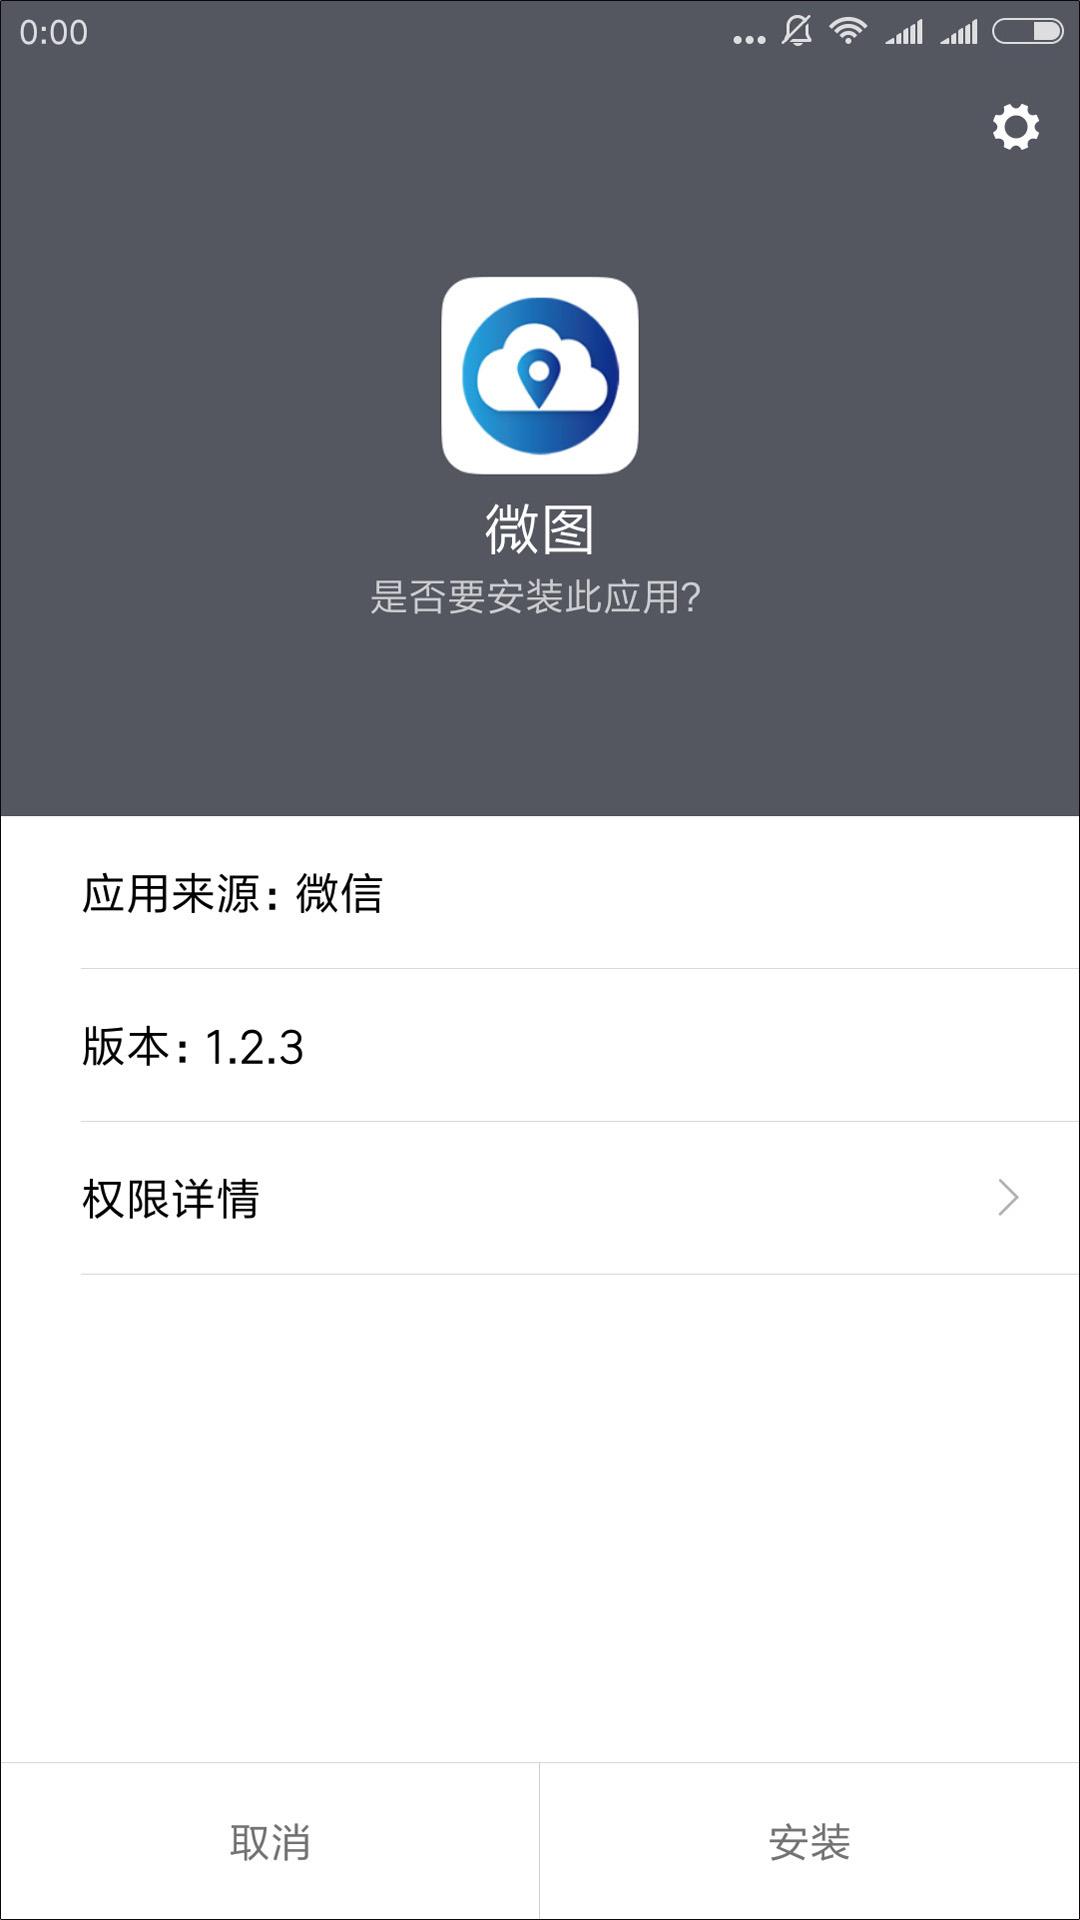 12微图APP下载安装.jpg